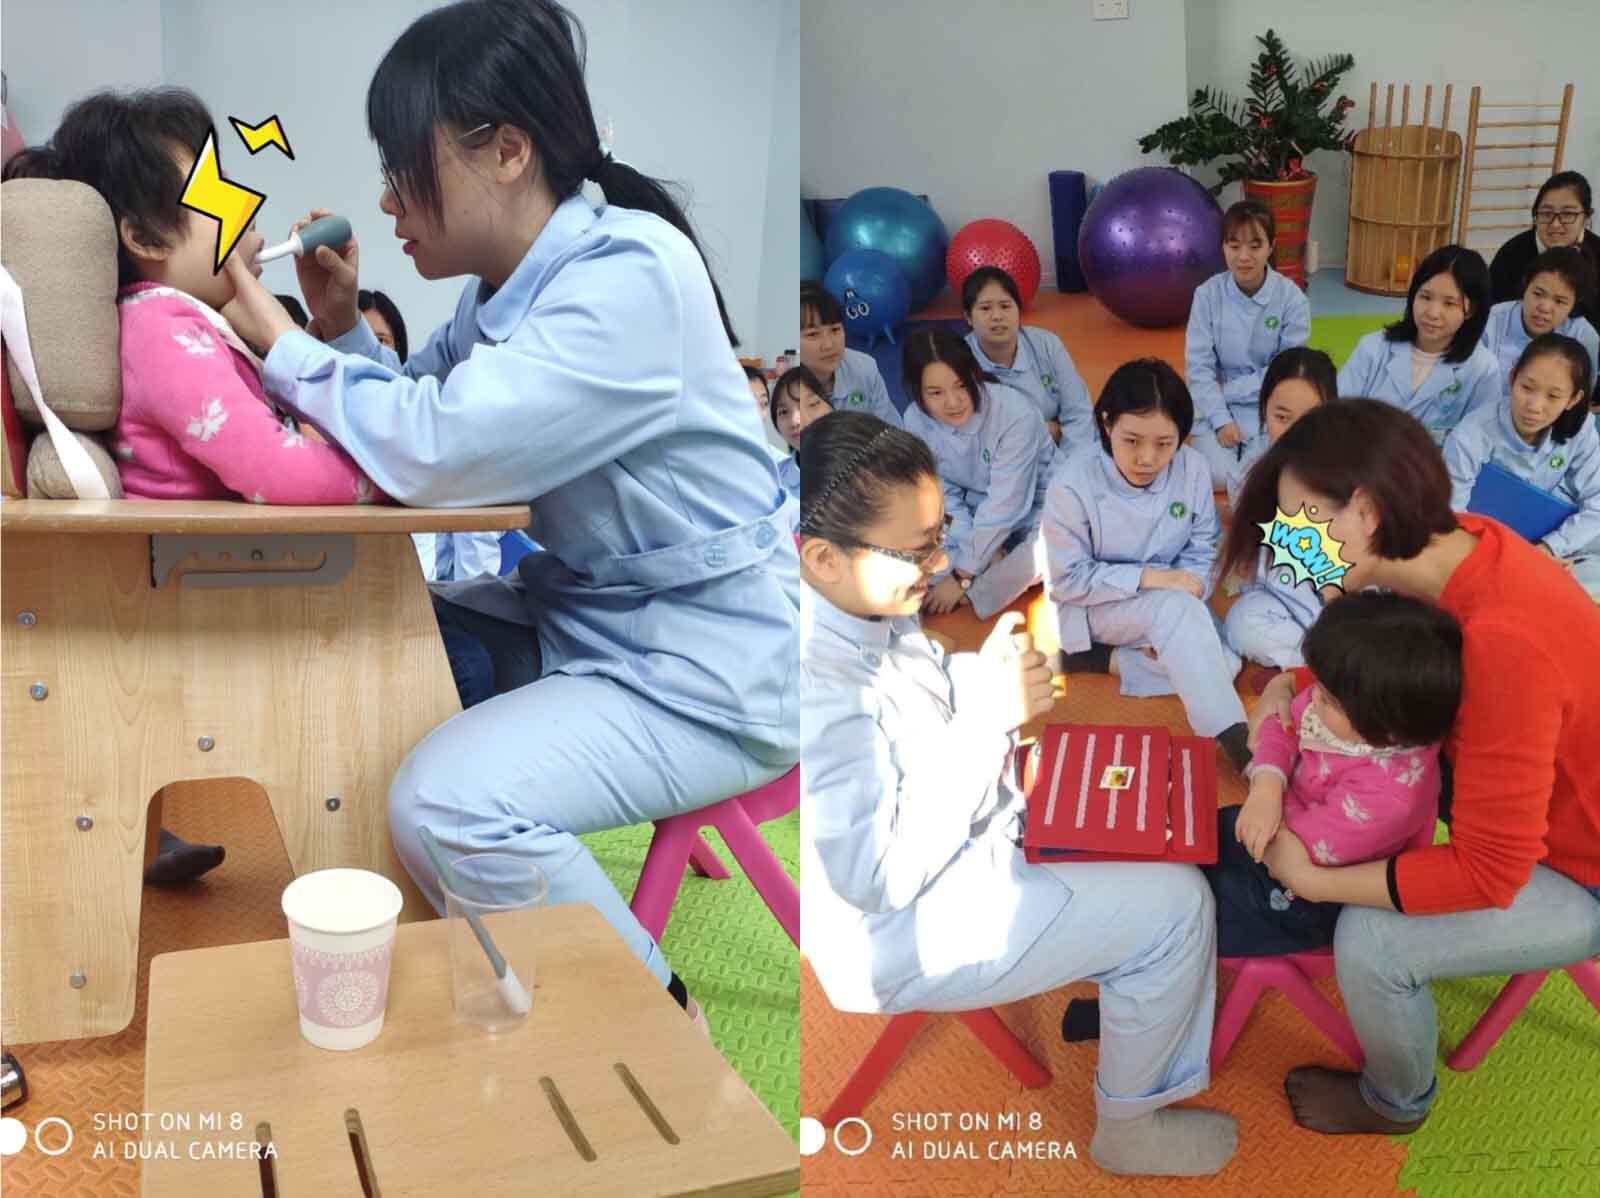 泉州儿童多动症训练机构 欢迎来电 厦门市湖里区首康儿童康复供应